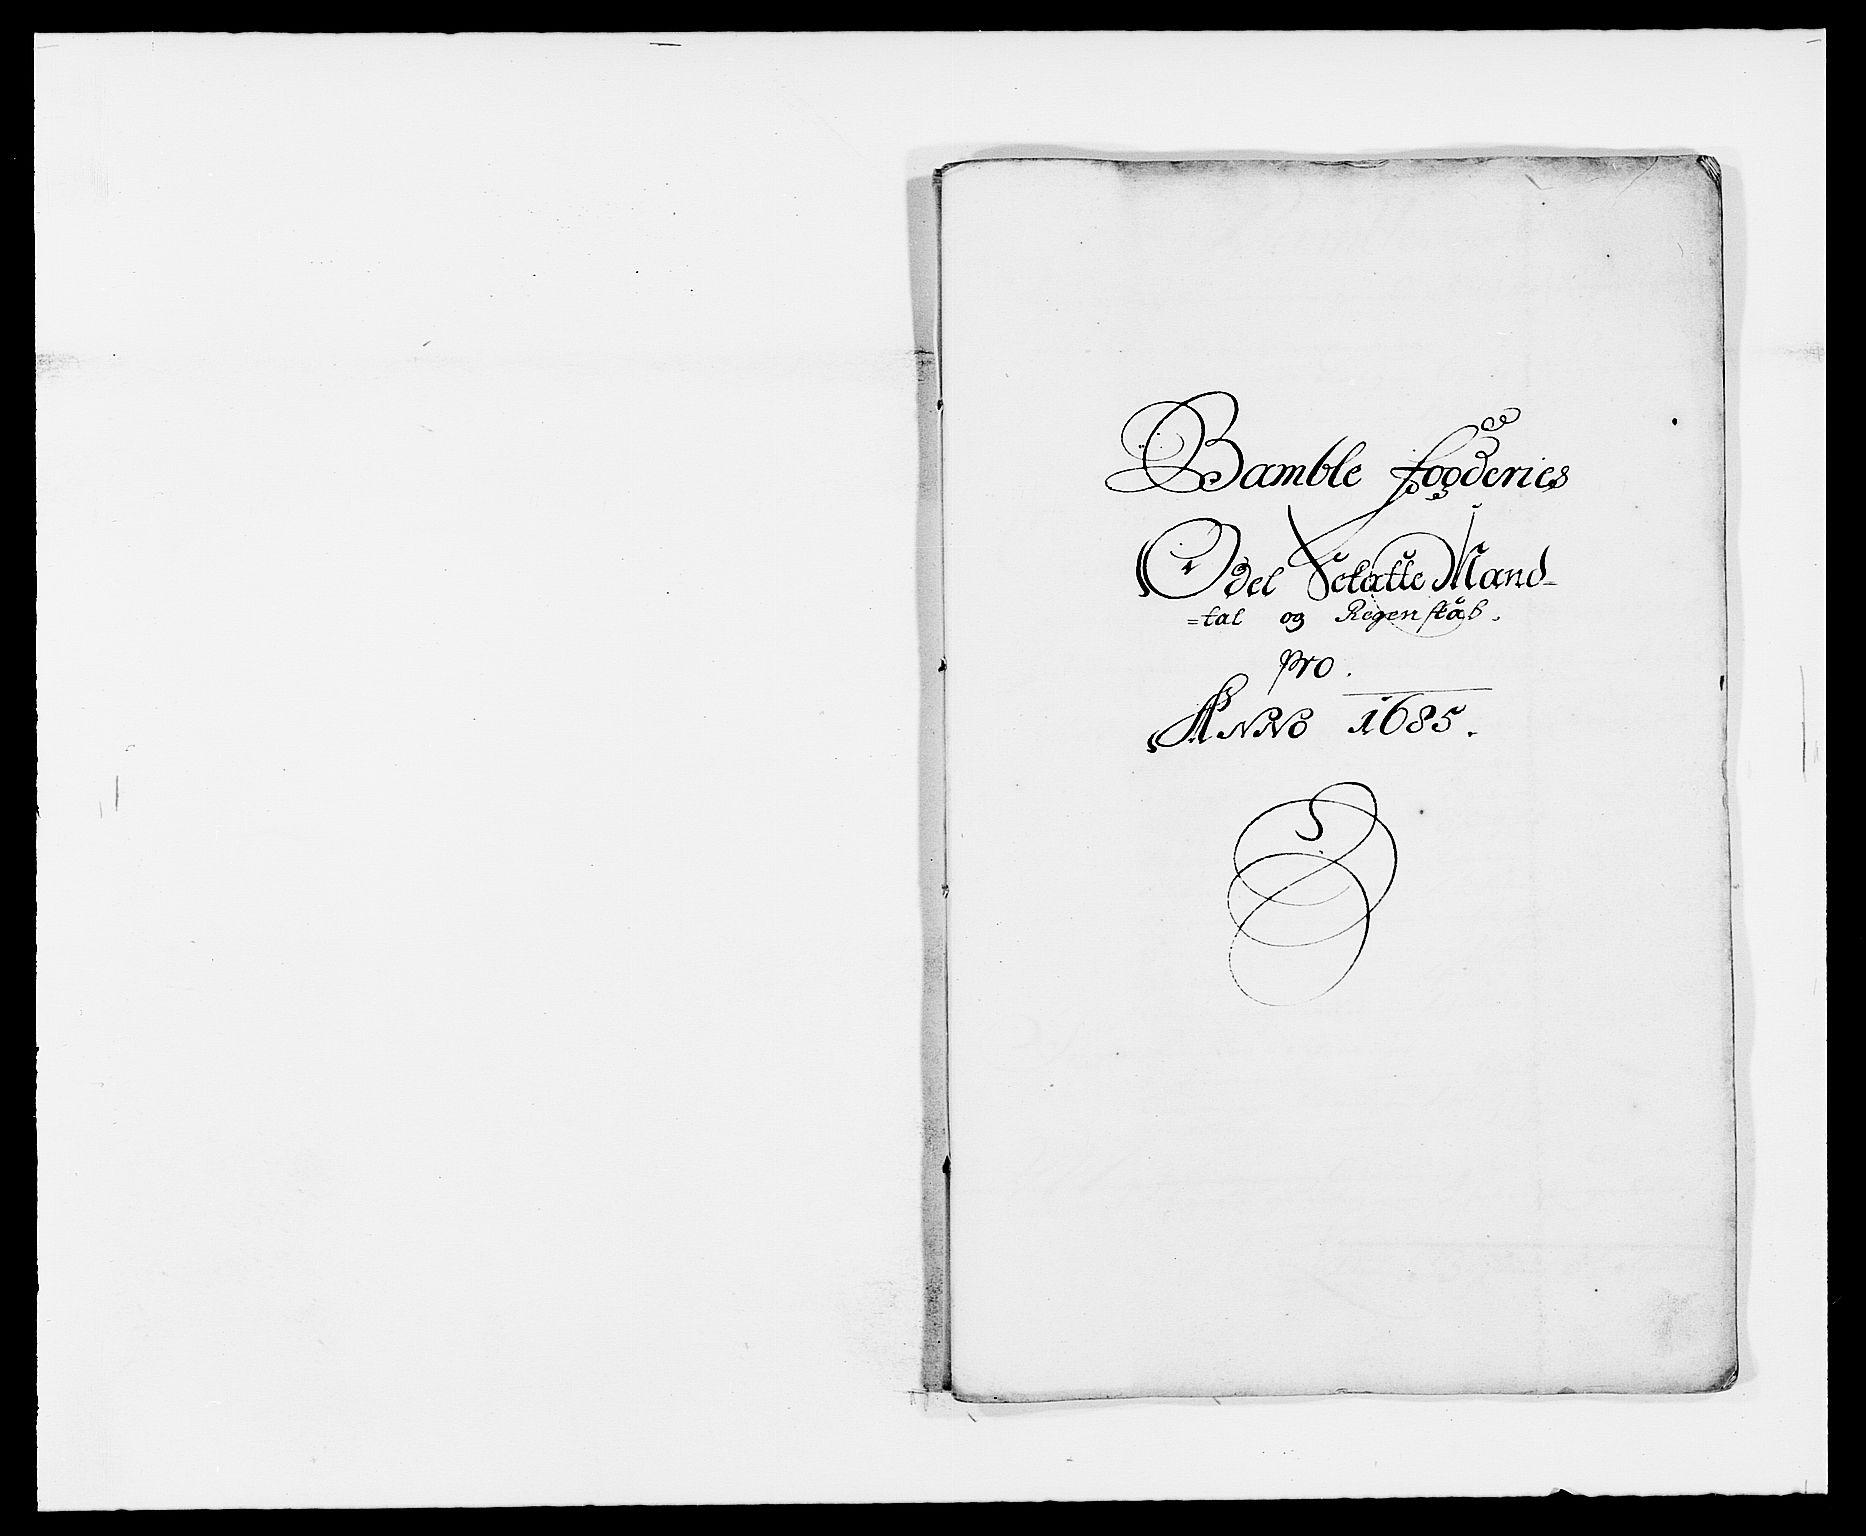 RA, Rentekammeret inntil 1814, Reviderte regnskaper, Fogderegnskap, R34/L2048: Fogderegnskap Bamble, 1685-1687, s. 97